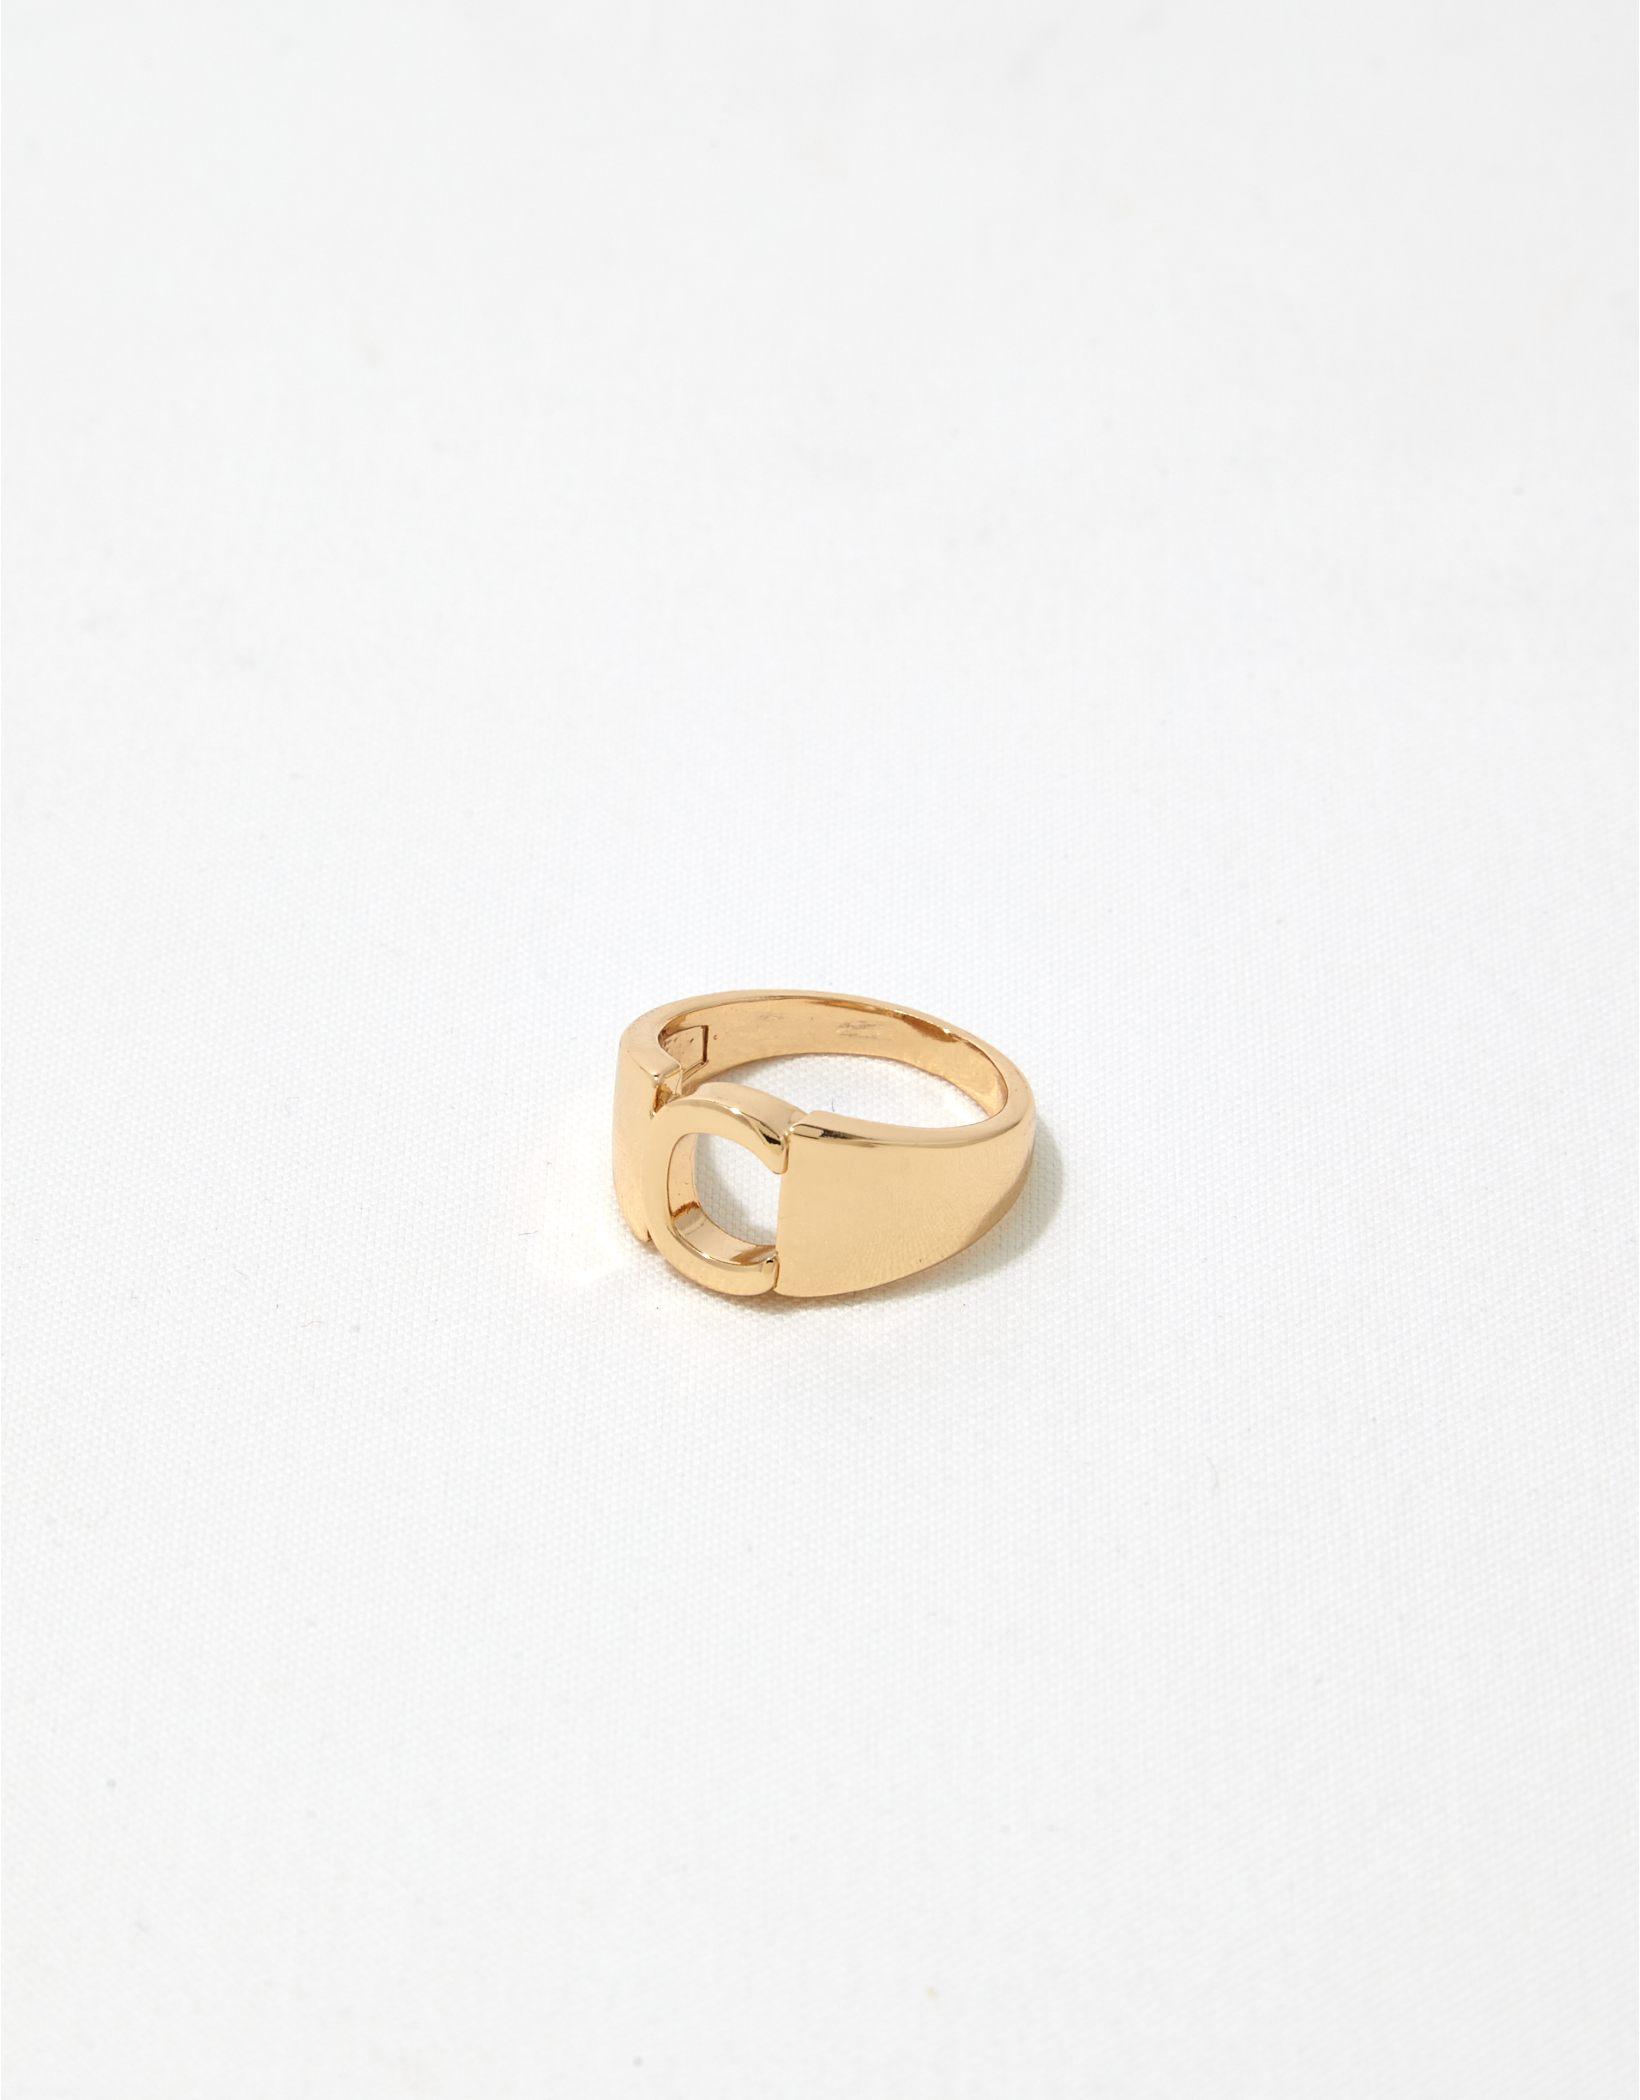 Aerie Monogram Ring - C